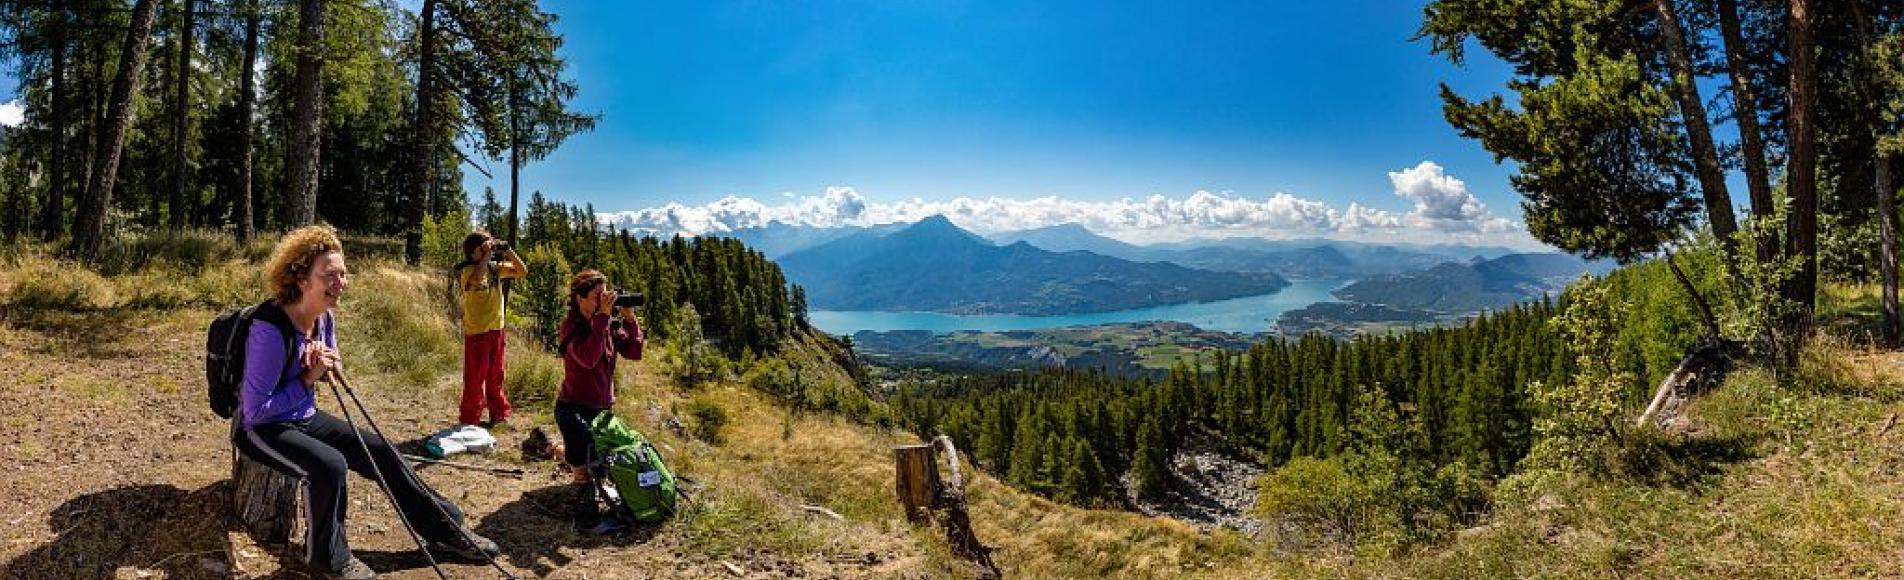 Randonnée accompagnée Esprit parc national - photo Bertrand Bodin - Parc national des Ecrins